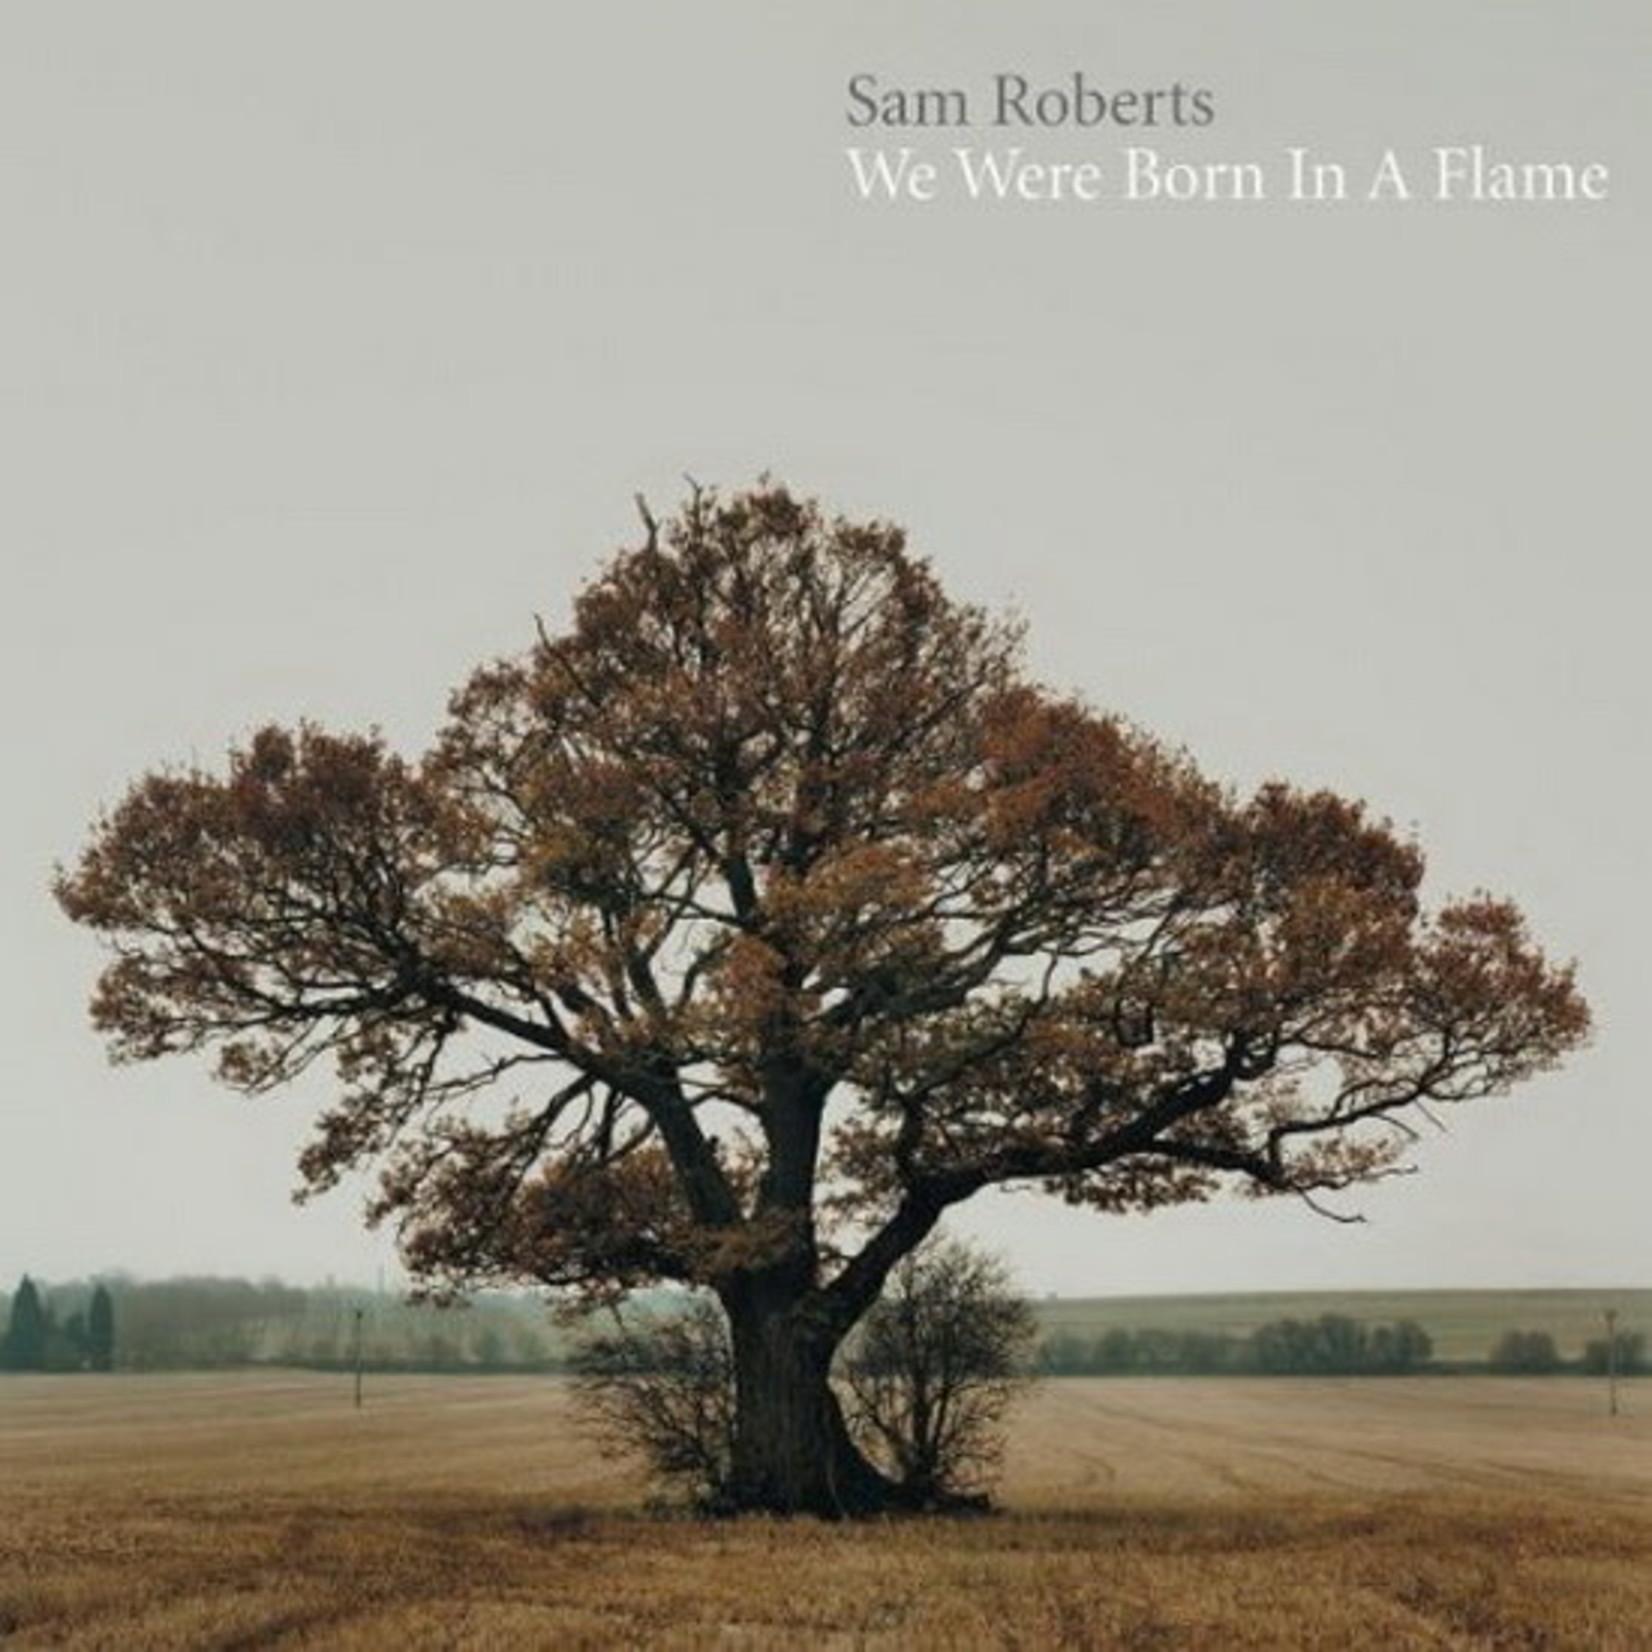 Sam Roberts Sam Roberts - We Were Born In A Flame DLX 3LP